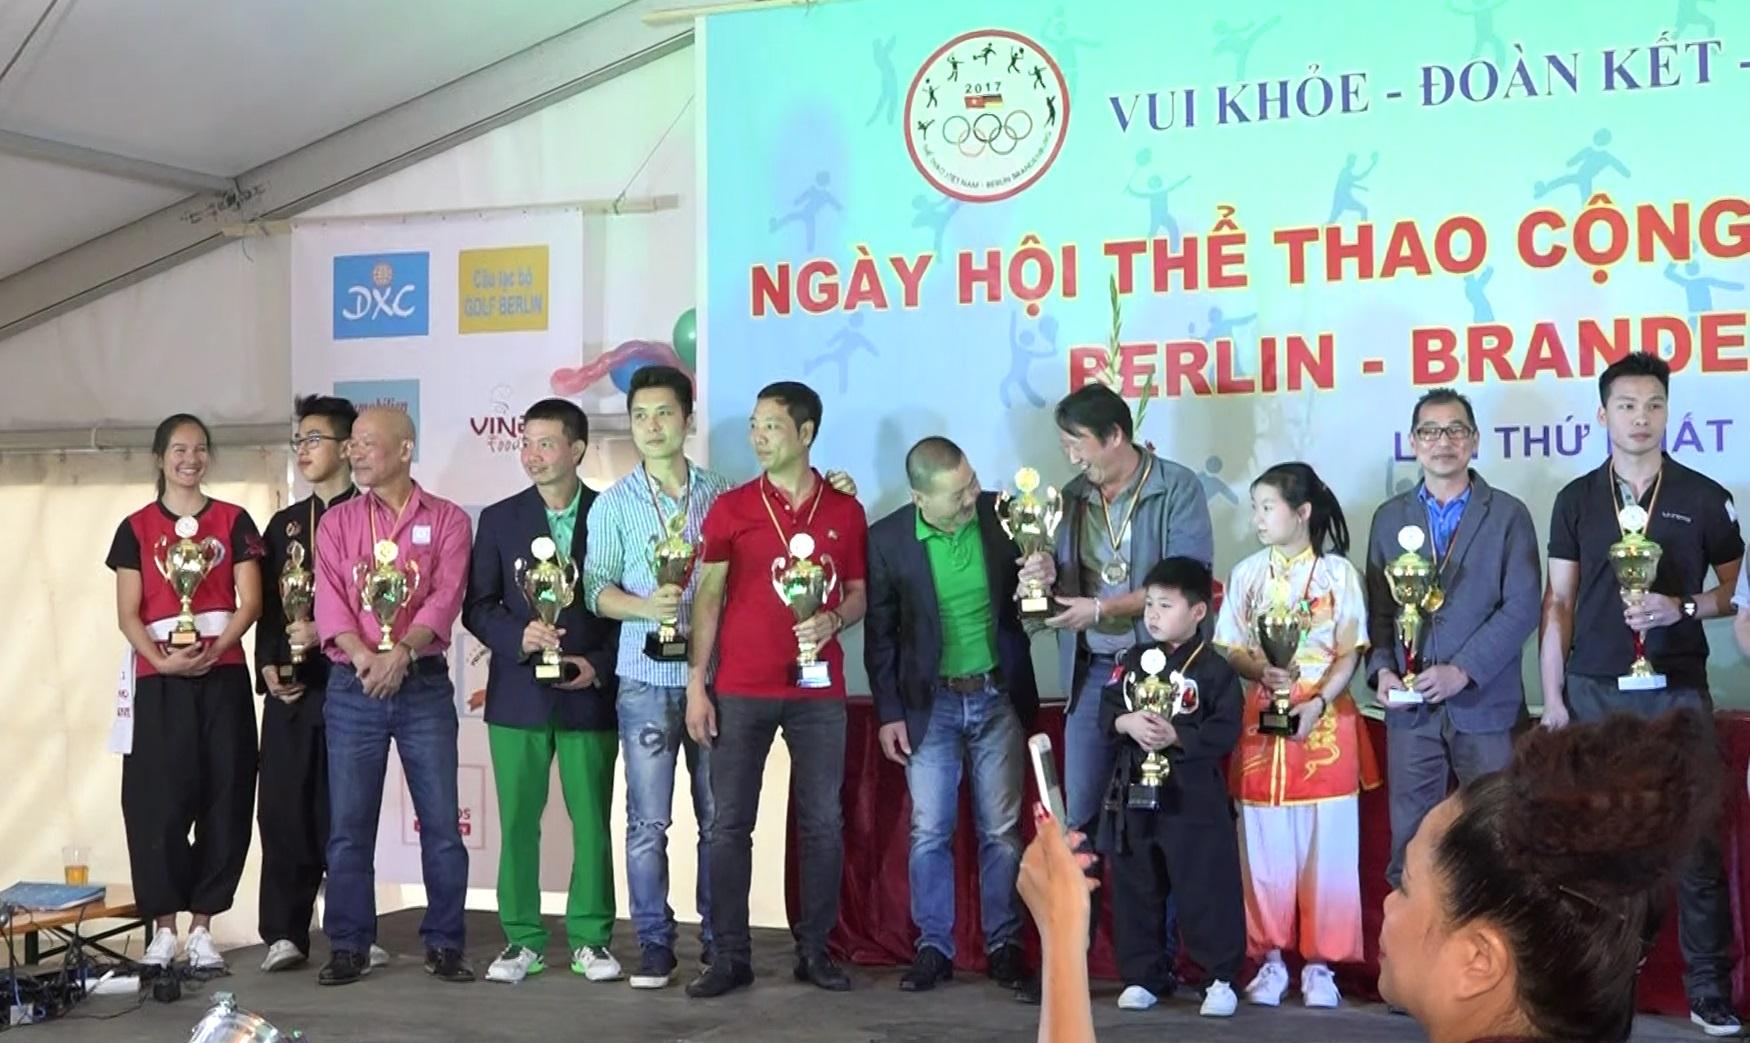 Tưng bừng Ngày hội thể thao cộng đồng Việt Berlin-Brandenburg